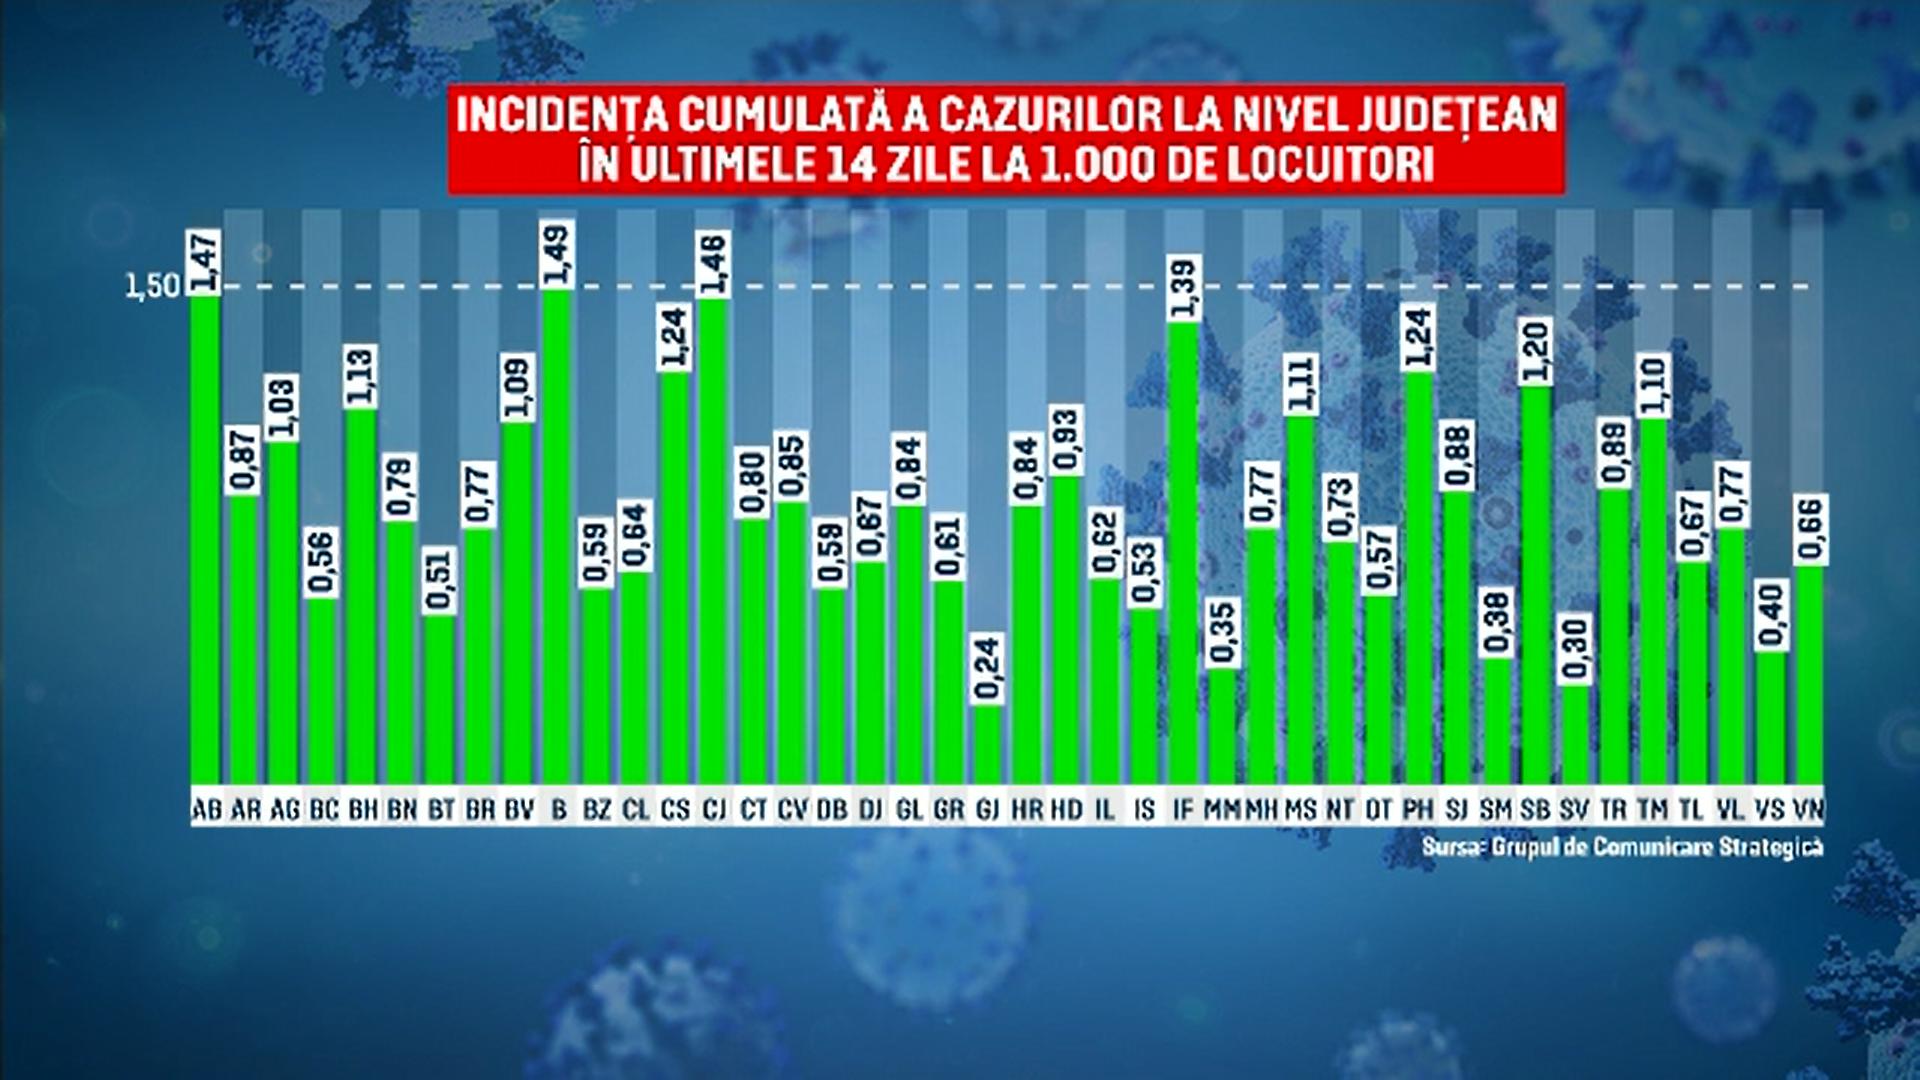 România este în scenariul verde. Premierul spune să nu ne așteptăm la o relaxare prea mare